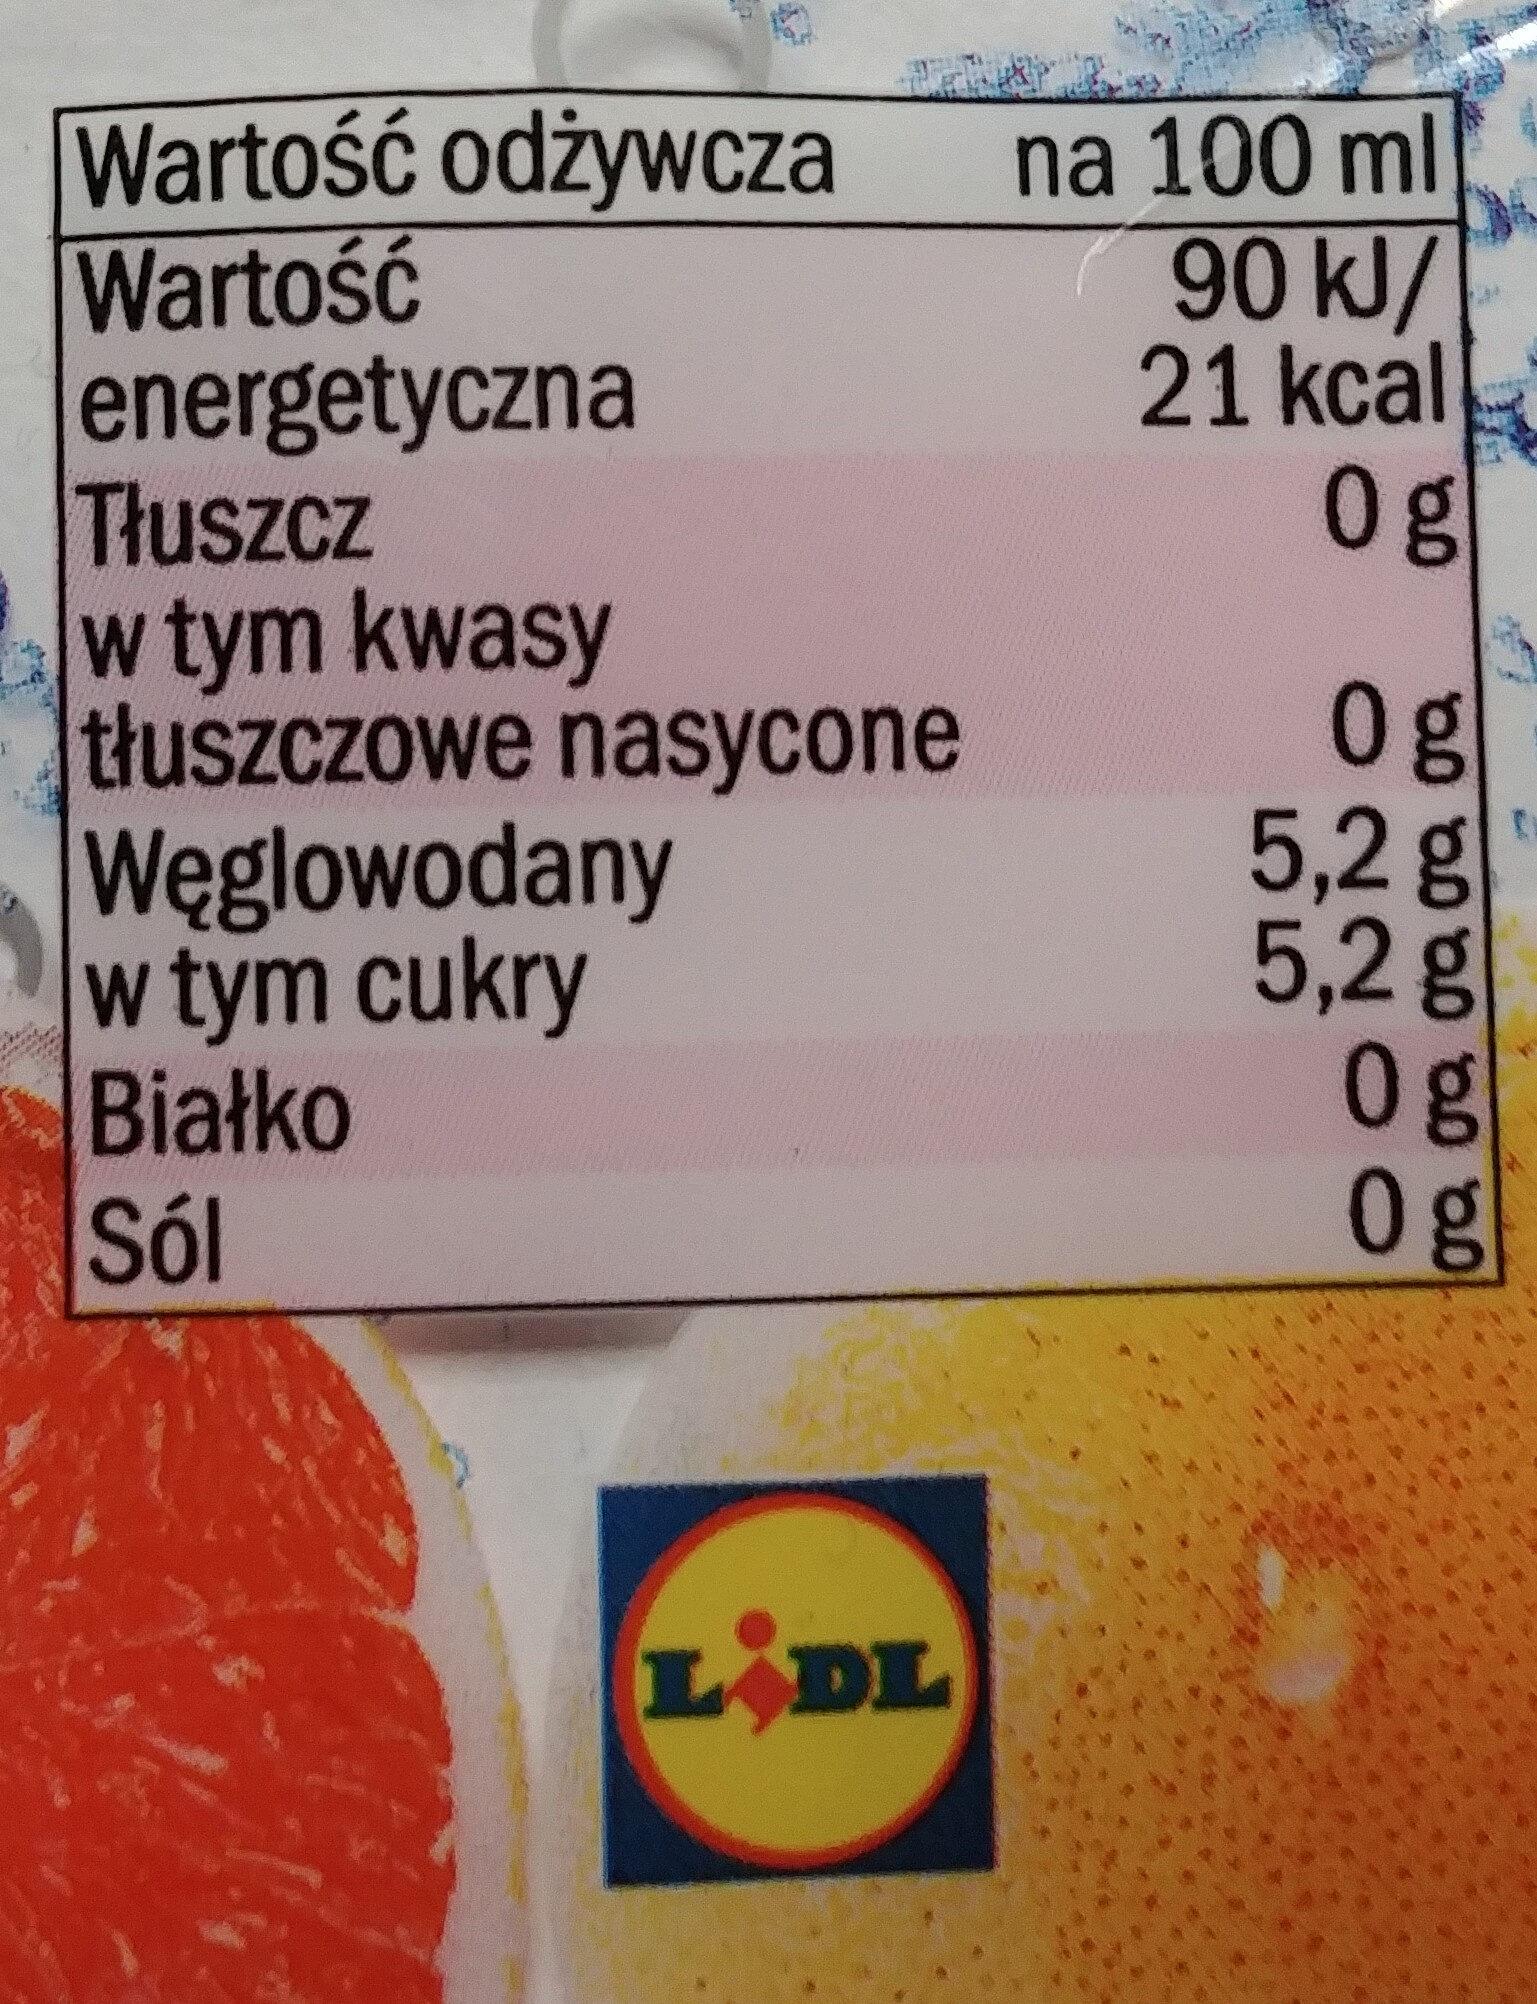 Napój gazowany o smaku grejpfrutowym. - Nutrition facts - pl